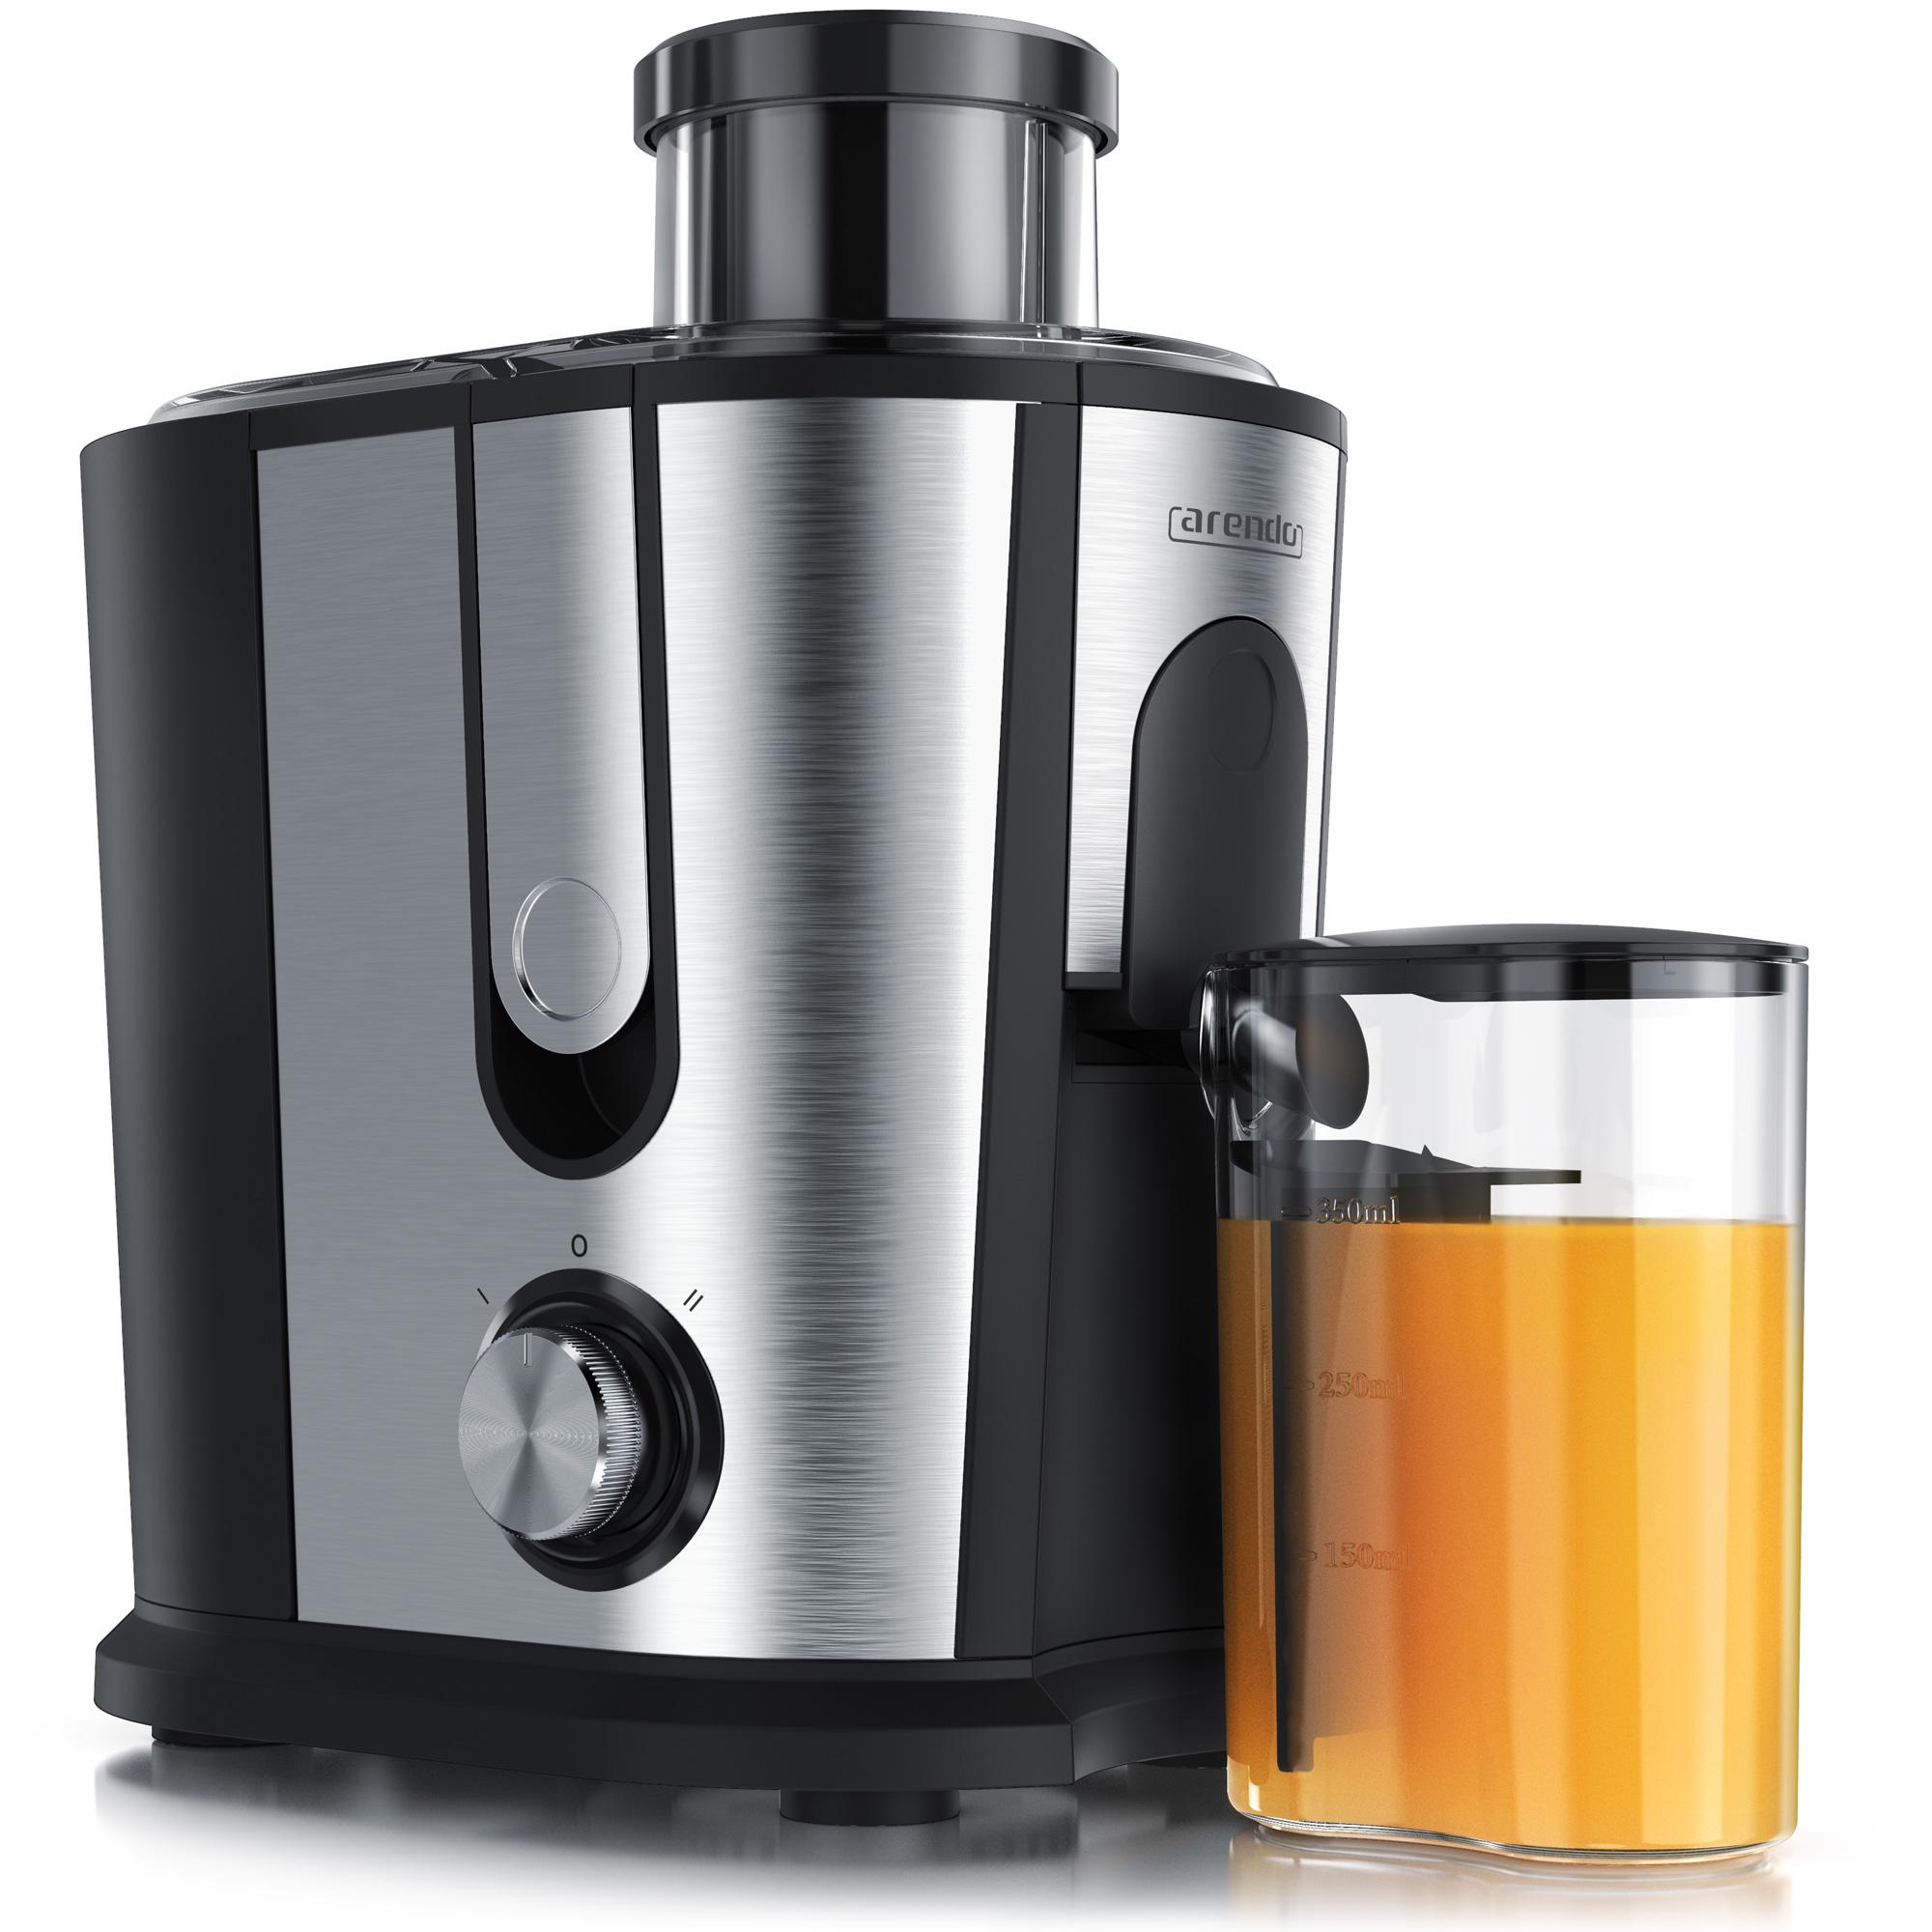 JUICER - EntsafterInkl. Mikrosieb Kapazität 500 mlSaftauffangbehälter (350ml)Tresterbehälter mit 1 Liter Volumen600 WattEdelstahl-Mikrosieb2 Geschwindigkeitsstufen SicherheitsabschaltungSpülmaschinengeeignet (abnehmbare Bauteile)BPA-freiMod. Nr.: 303341DIREKT BEI AMAZON KAUFENDIREKT BEI OTTO KAUFEN